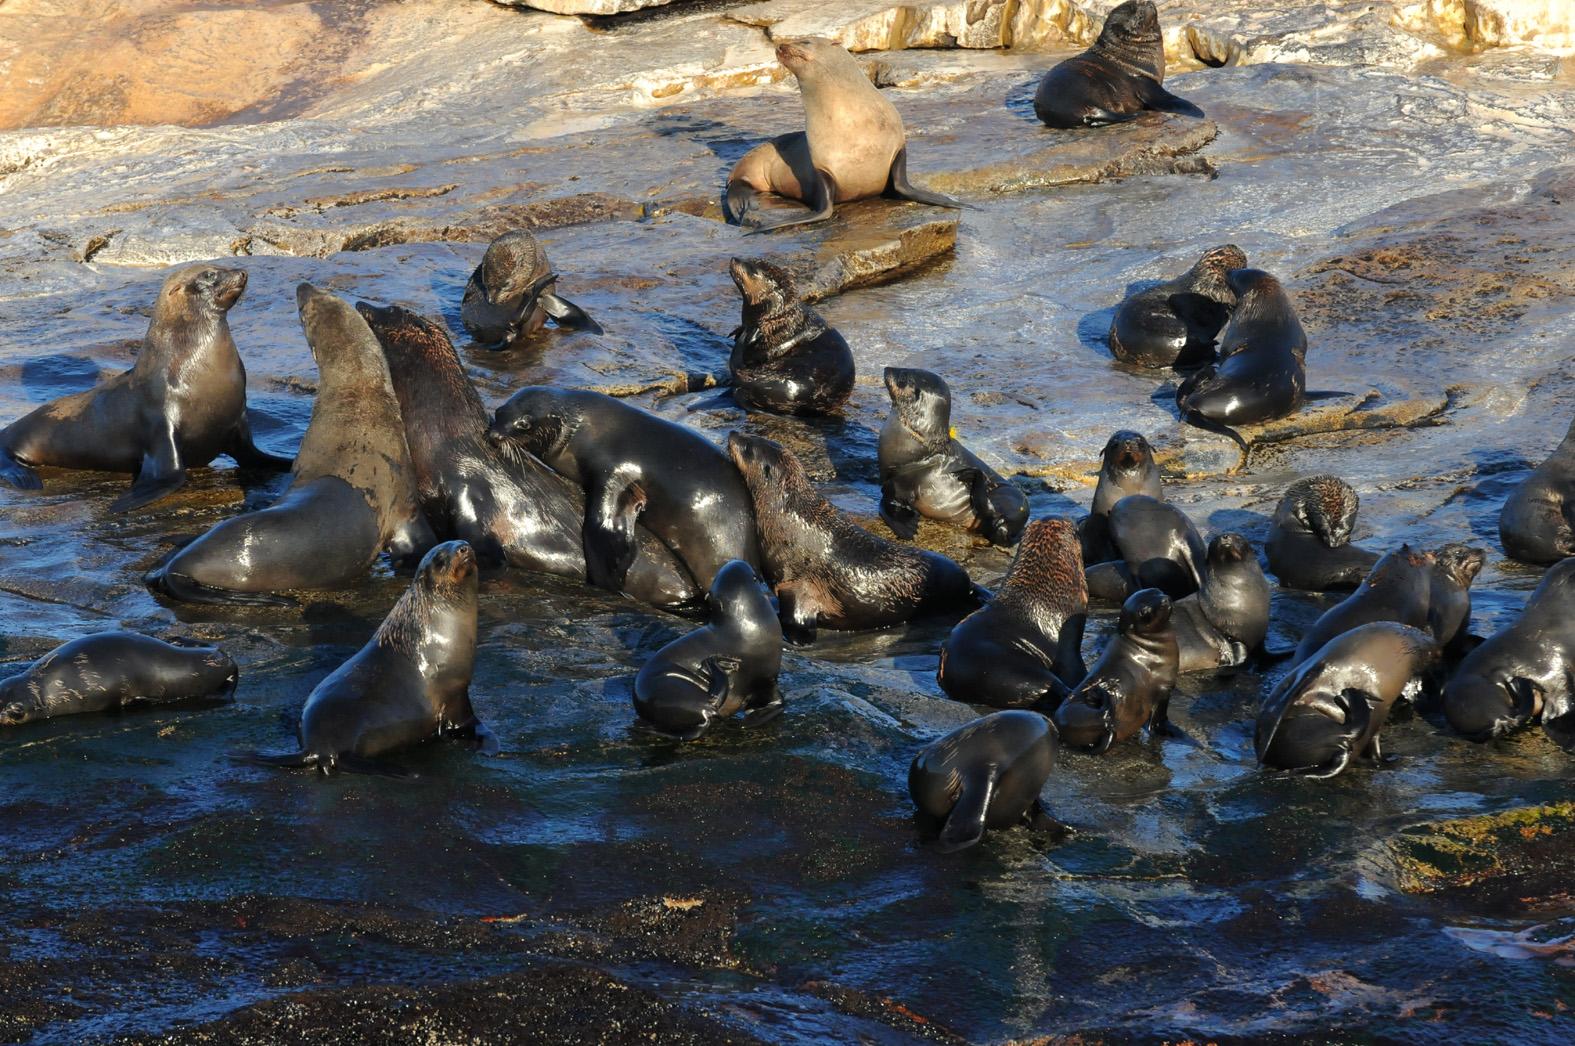 foto van zeehonden in water en bij rotsen